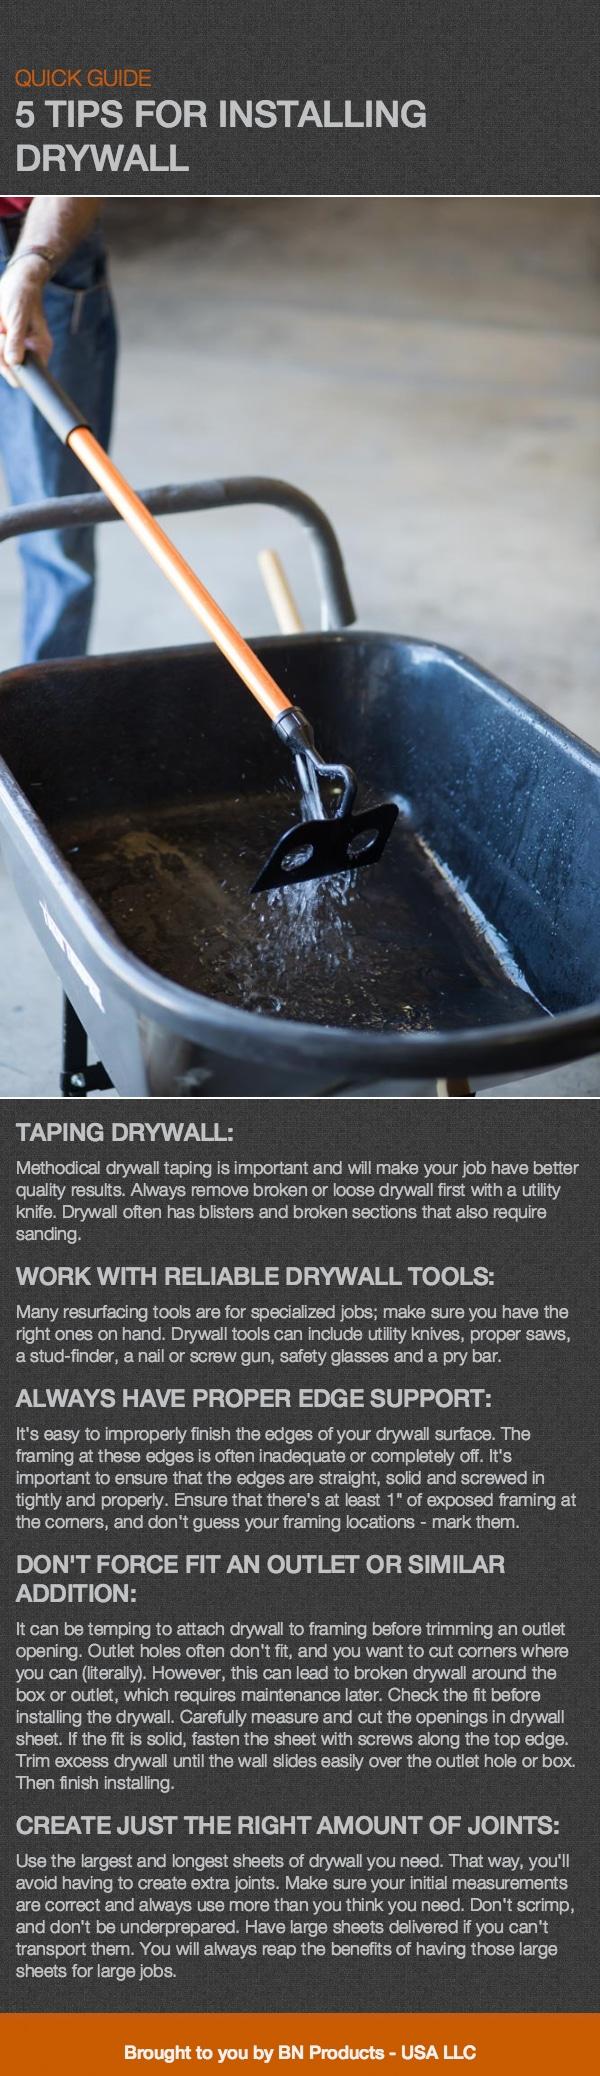 BN_Drywall